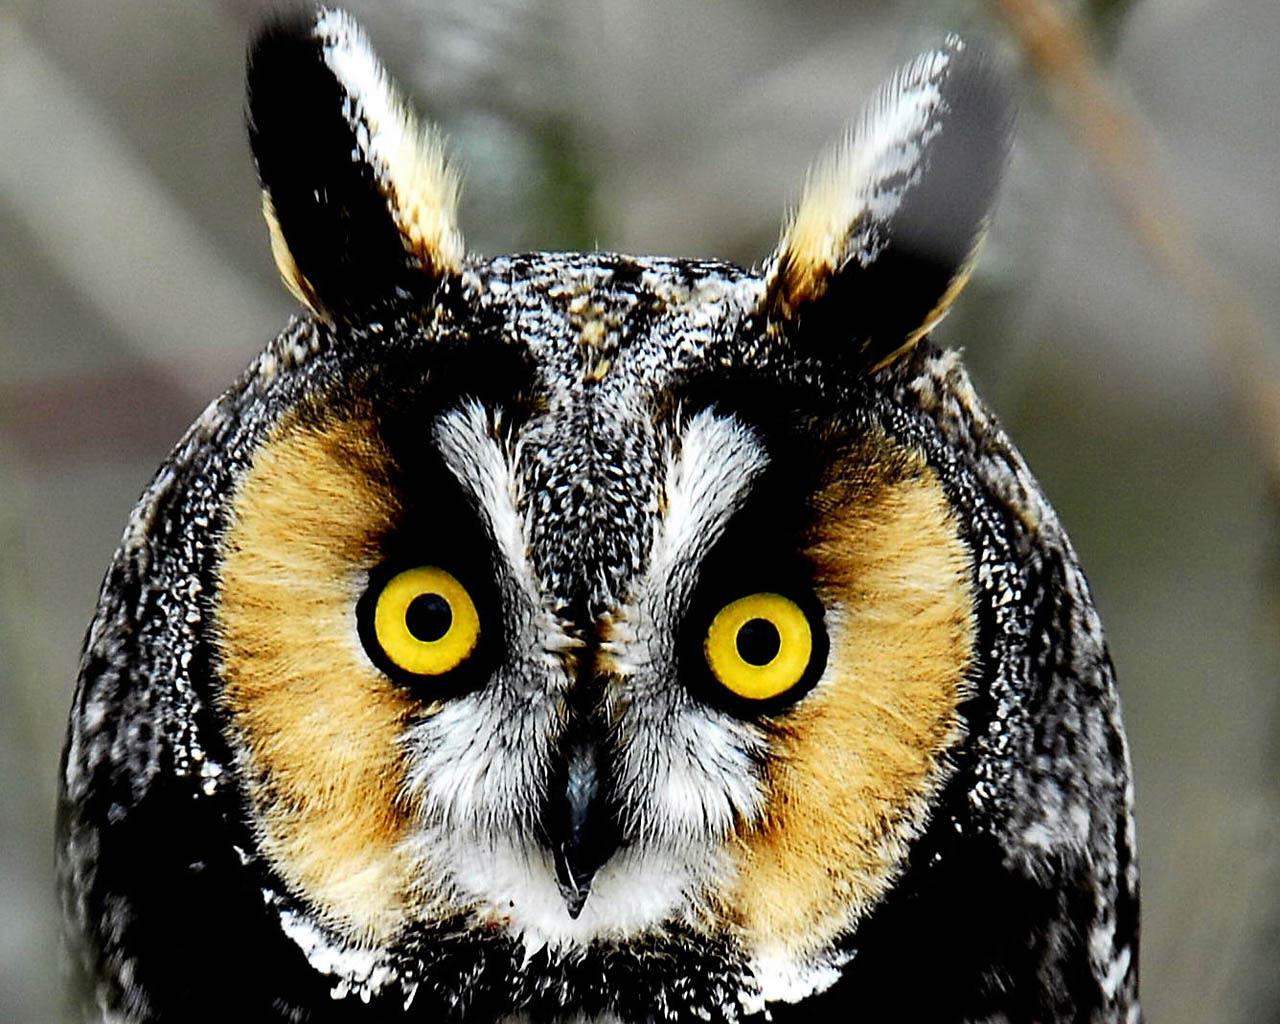 Free Download Fee Owl Wallpaper Hd For Downlaod Fee Owl Wallpaper